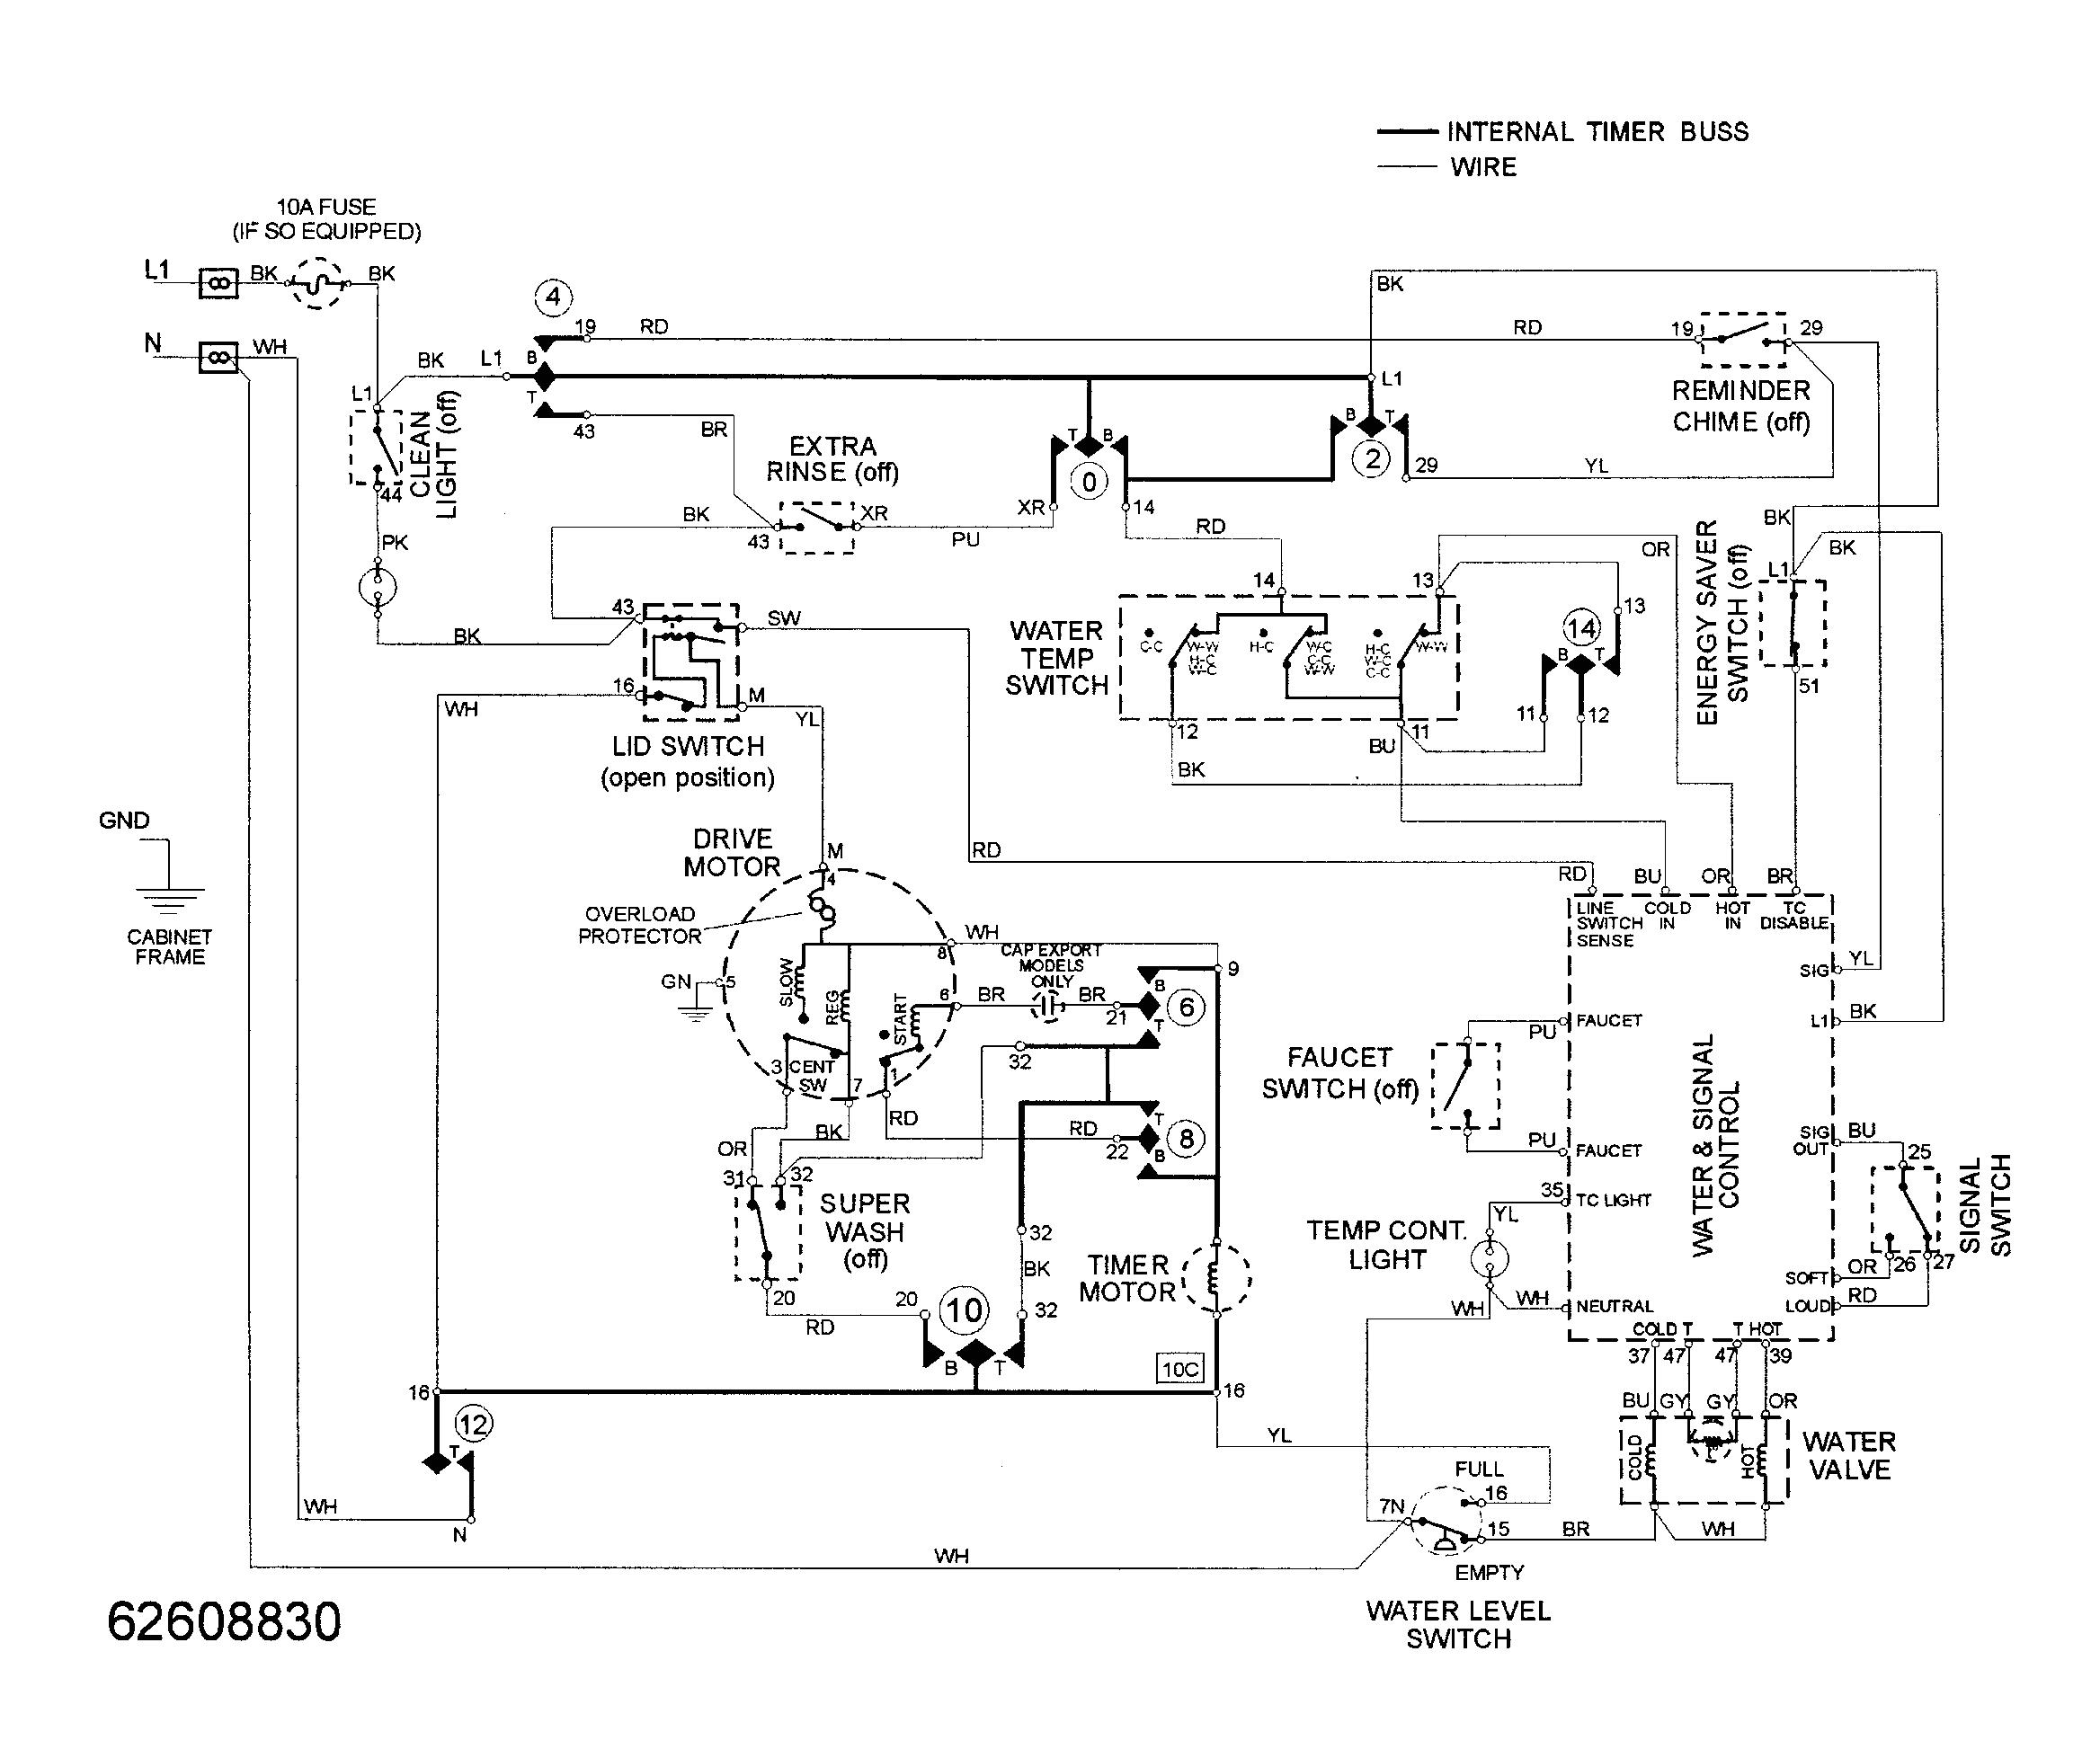 maytag mav9600eww wiring information diagram